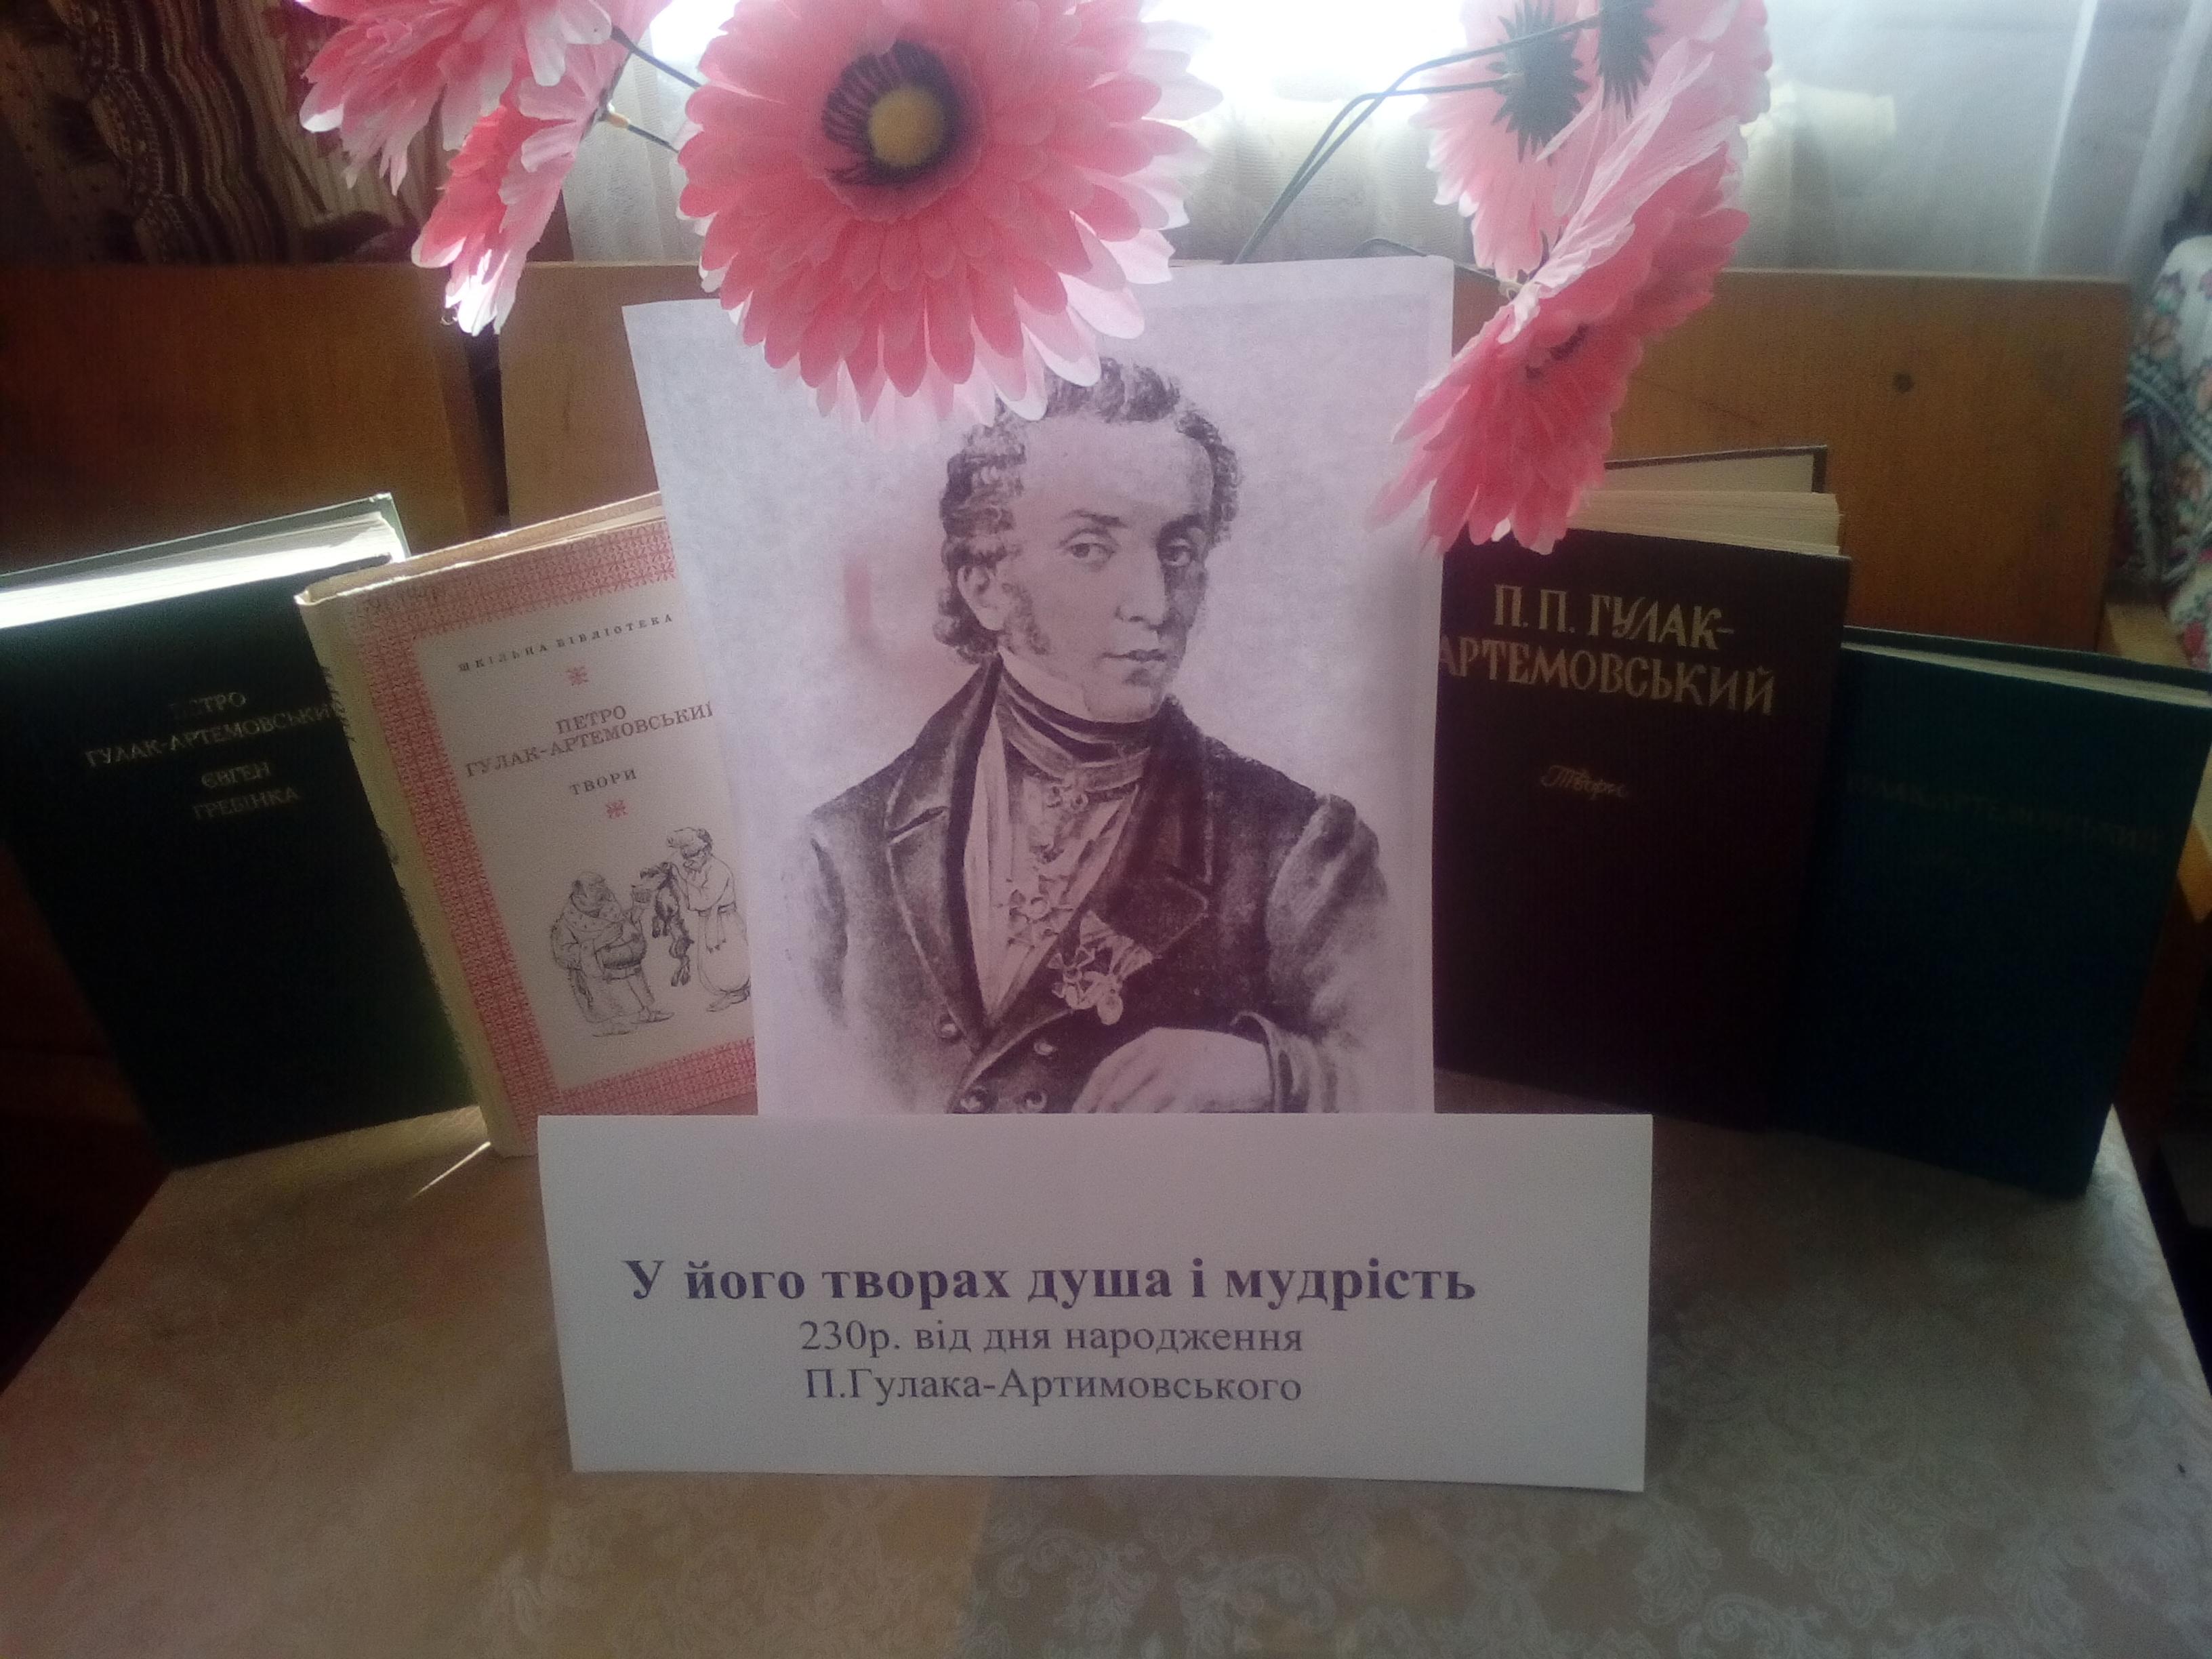 Biblioteka s. Hordynia Novokalynivskoi OTH vystavka Petro Hulak-Artemovskyi